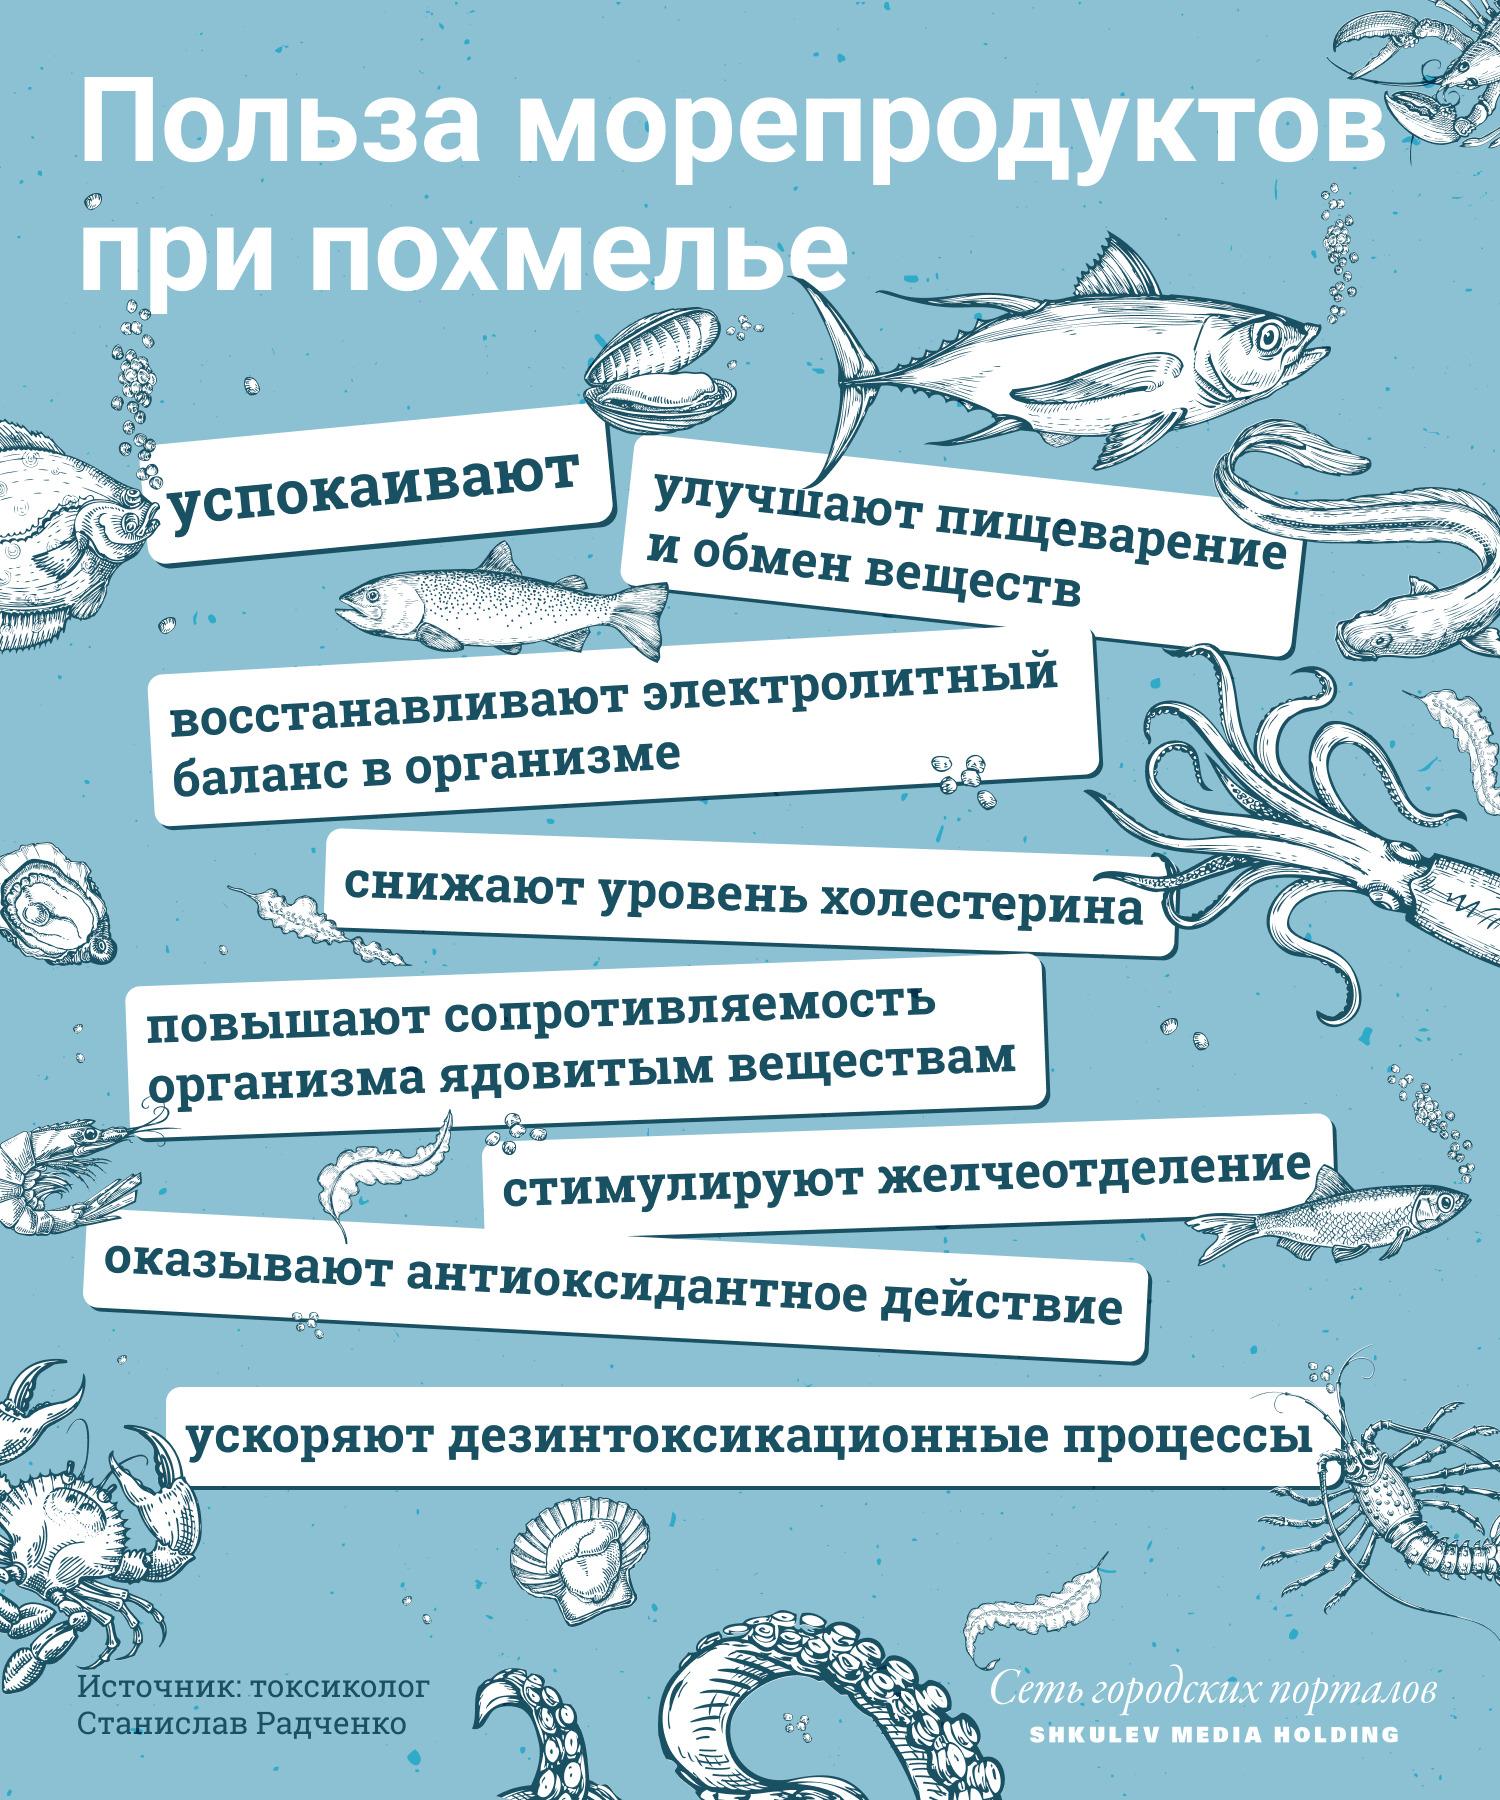 Чем могут помочь морепродукты в случае похмелья